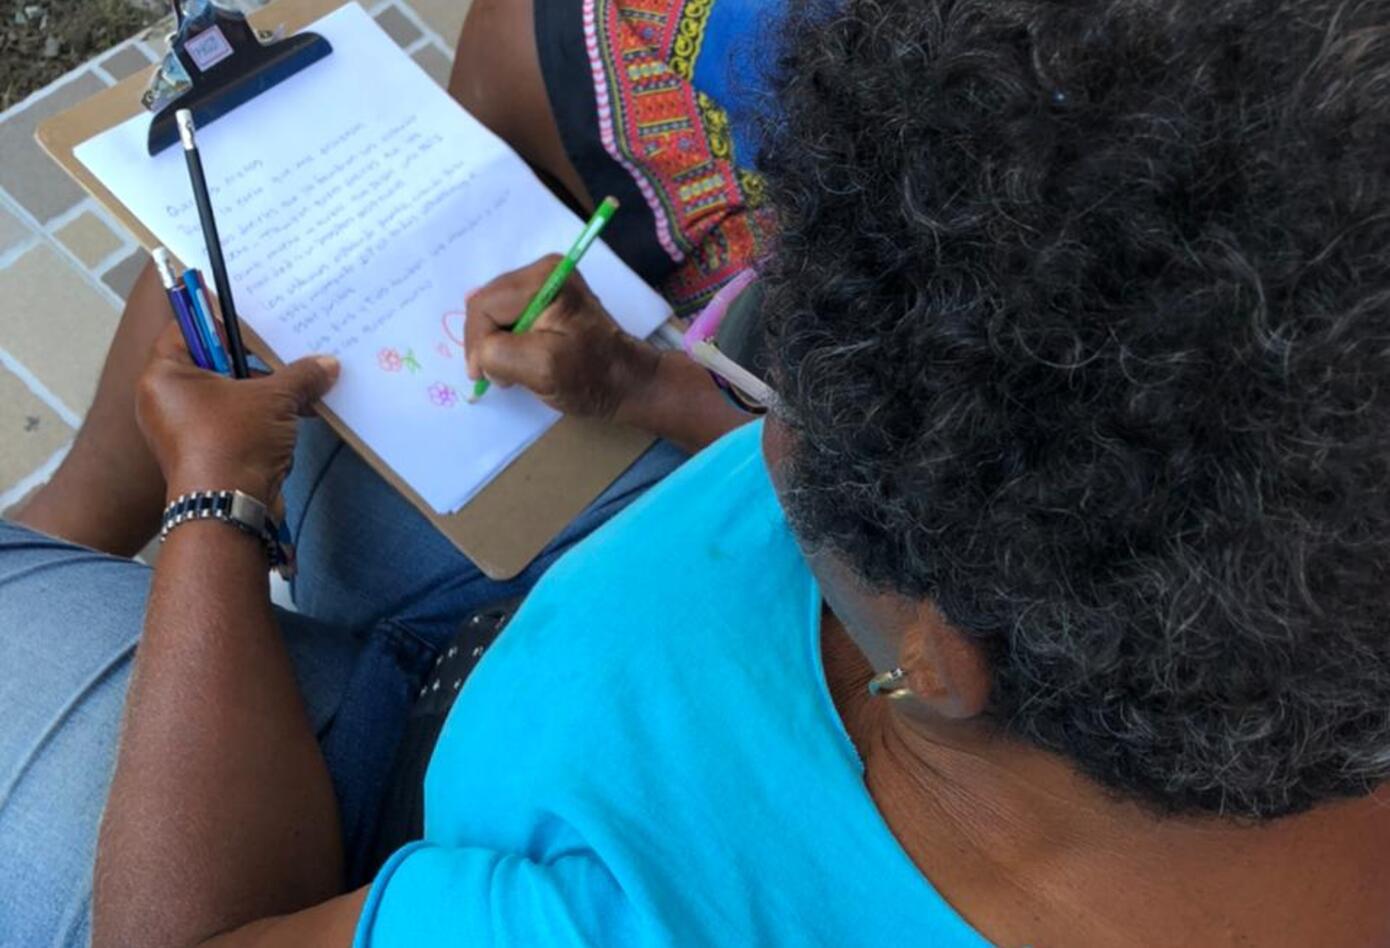 Madres escribiendo cartas para sus hijos en San Andrés